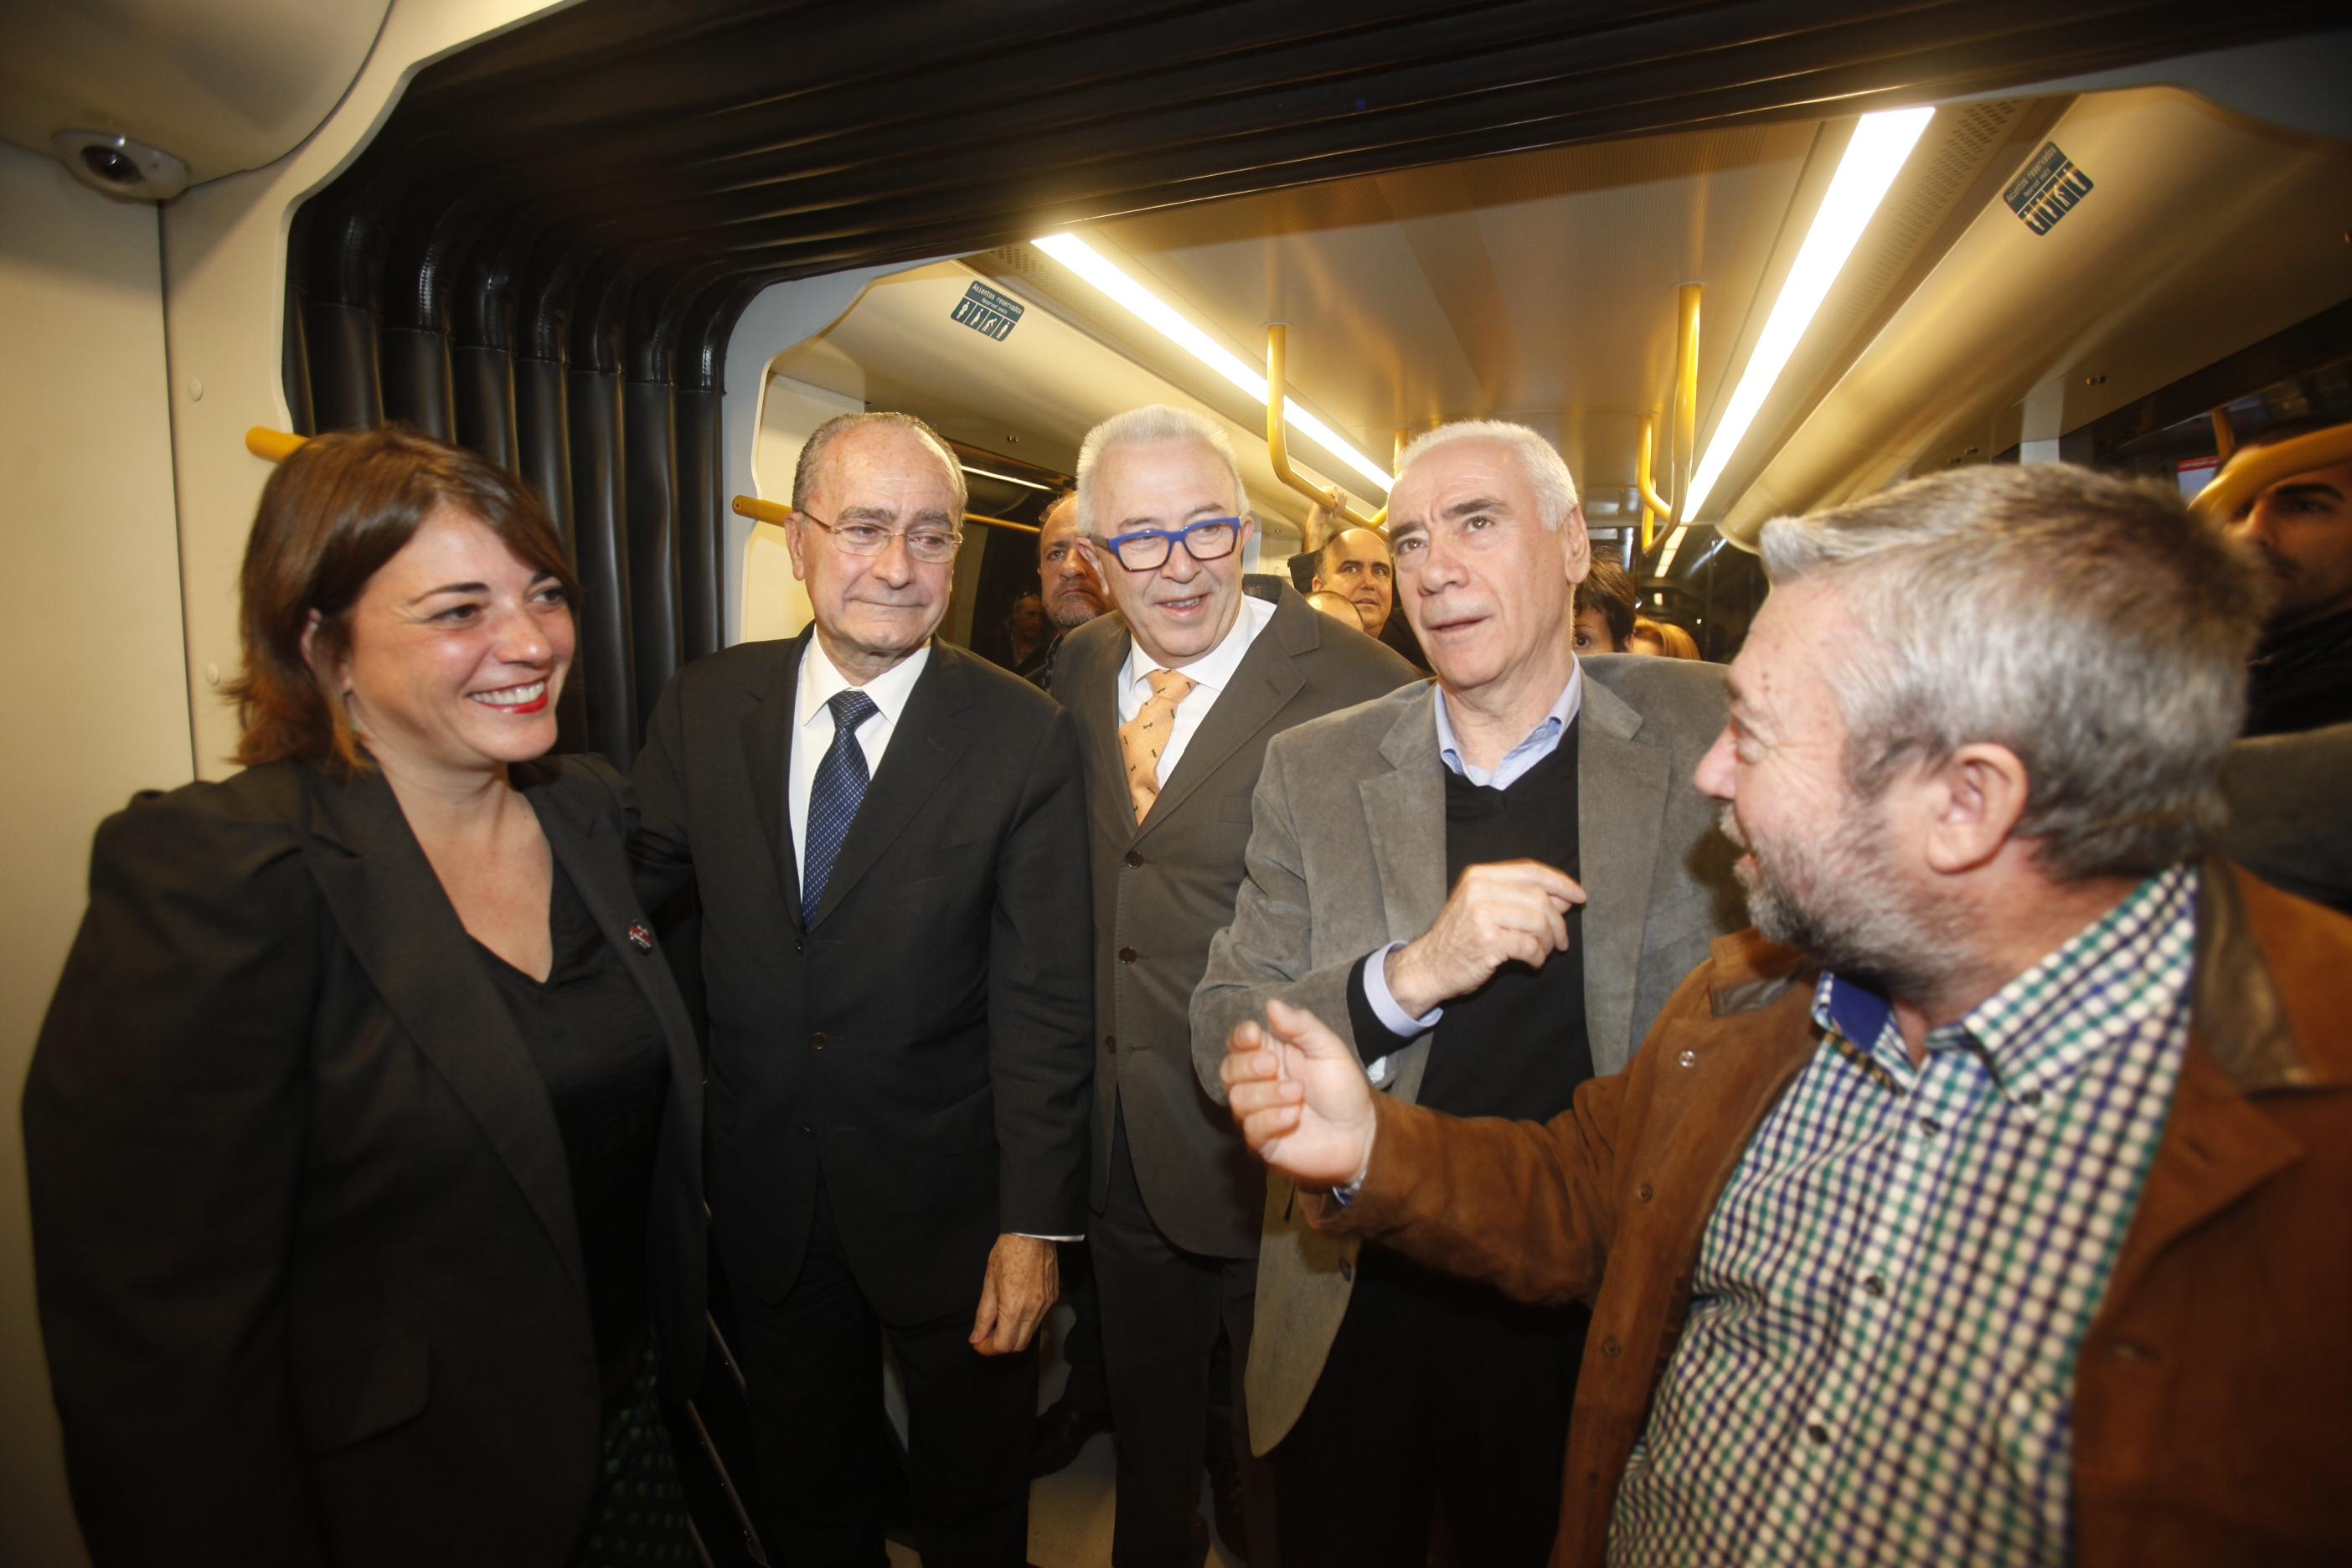 Elena Cortés y el alcalde de Málaga acompañados de los consejeros de Educación y Economía durante las pruebas dinámicas.